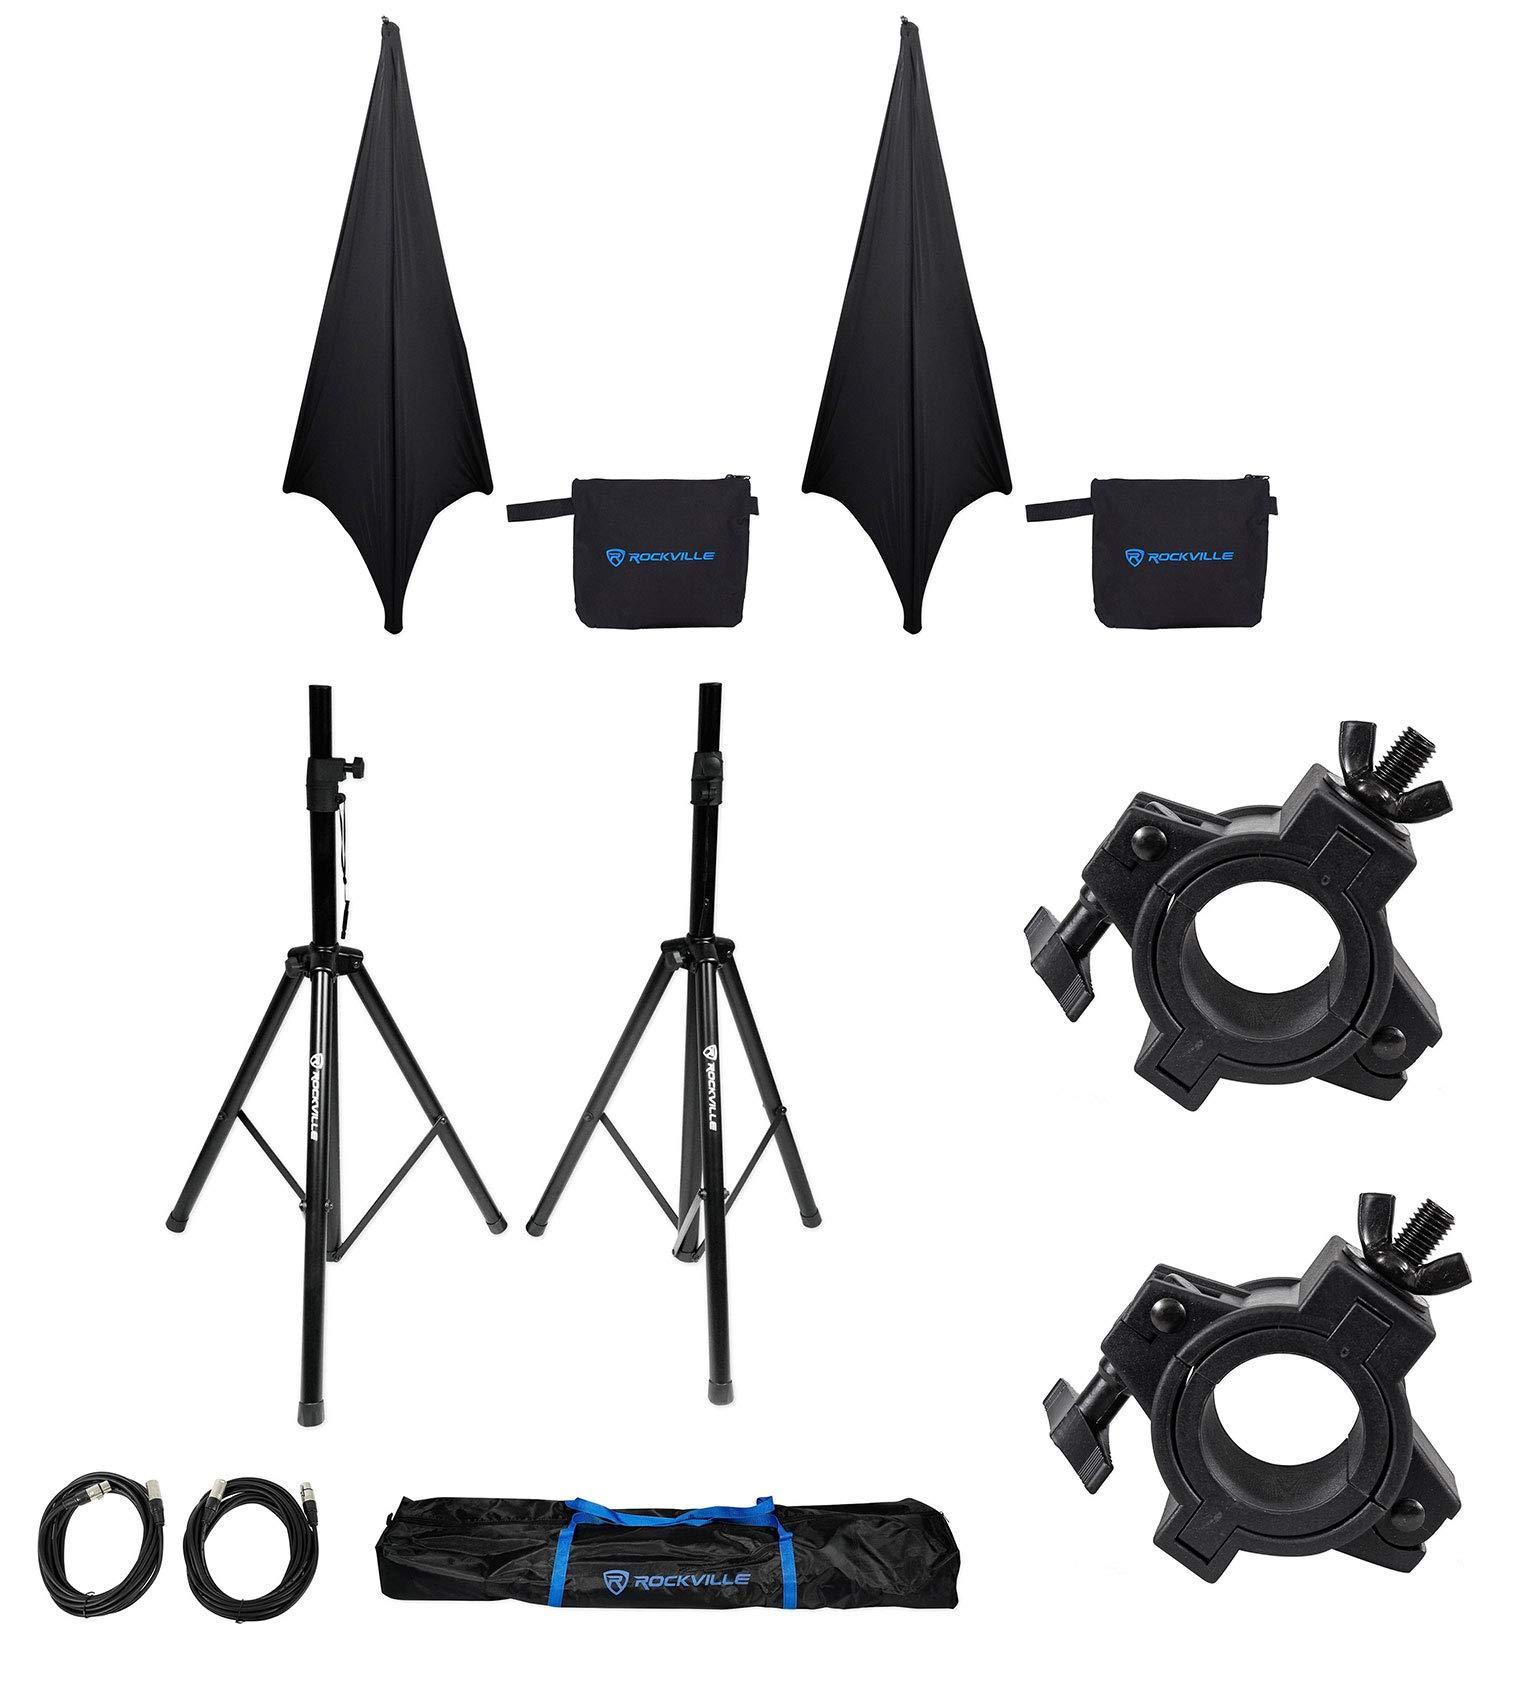 2) Rockville Tripod DJ Speaker Stands+Cables+Scrim Werks Black Covers+Carry Case